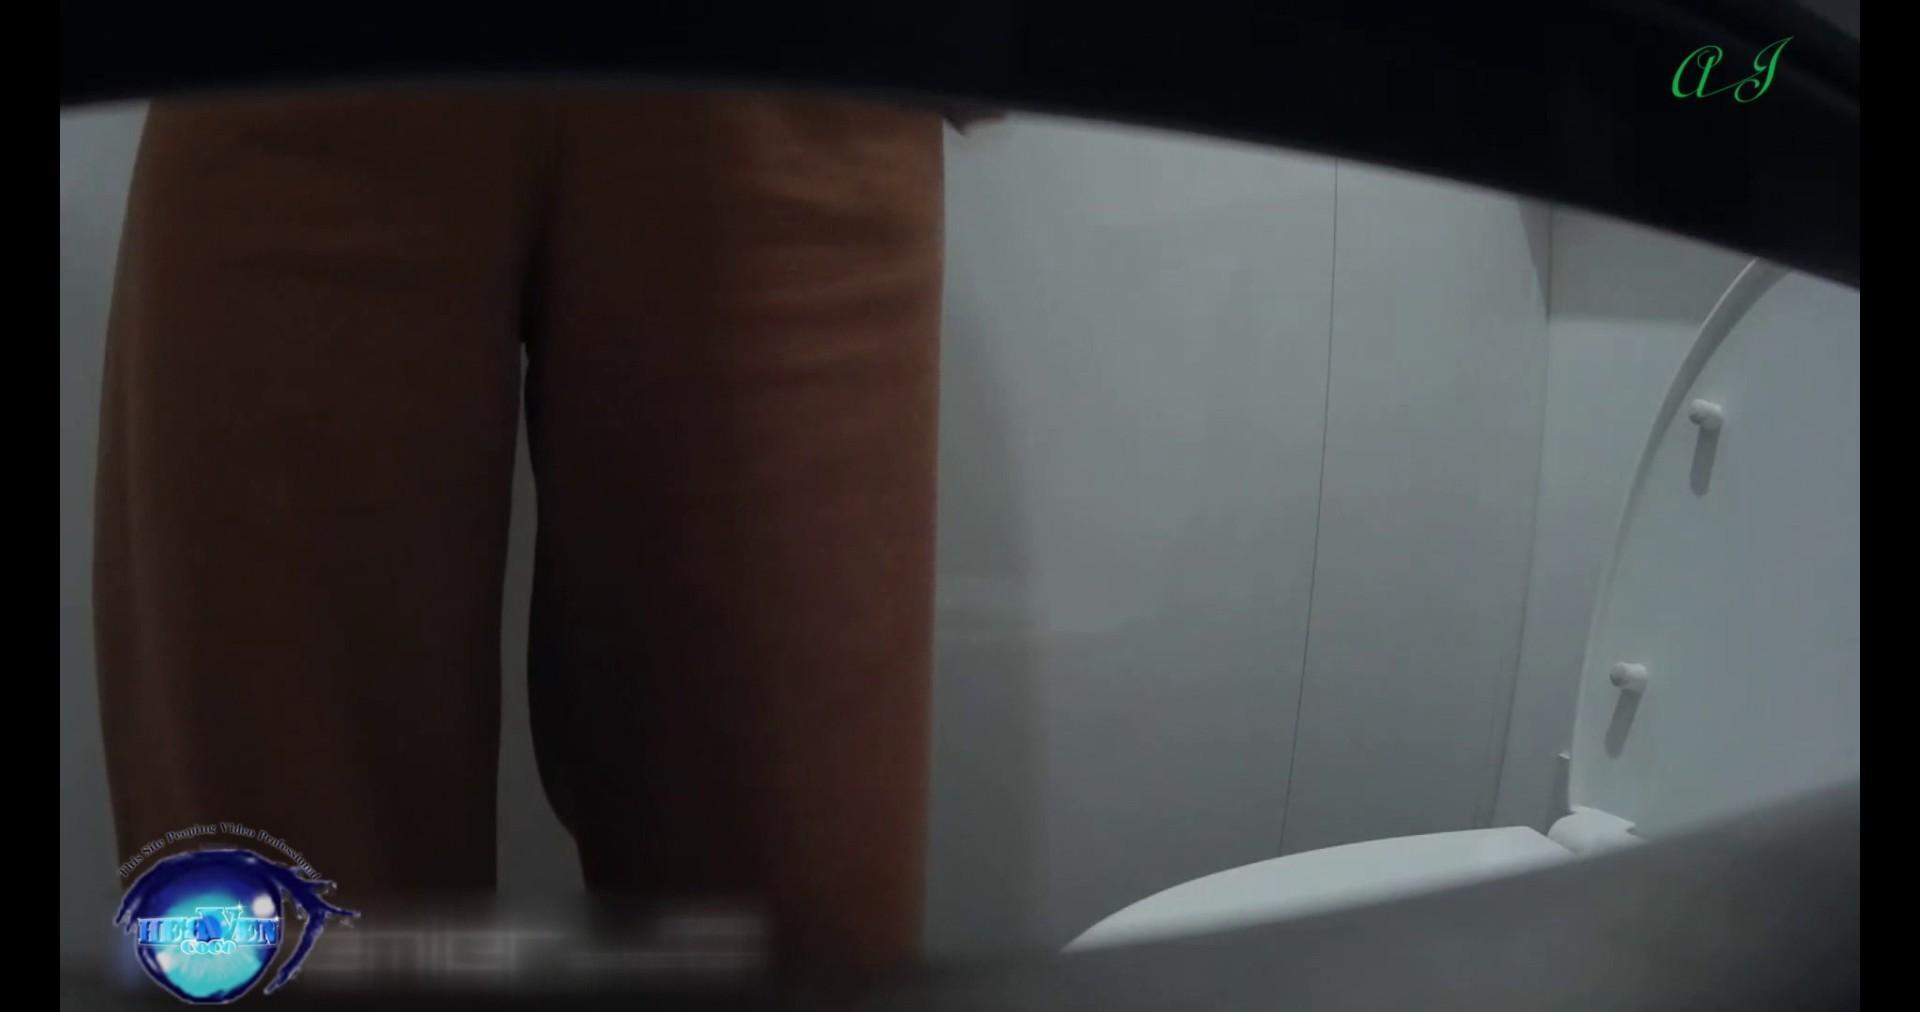 複数設置!!おしりドアップ美女多数有名大学女性洗面所 vol.75後編 美女まとめ 盗撮画像 81PIX 4